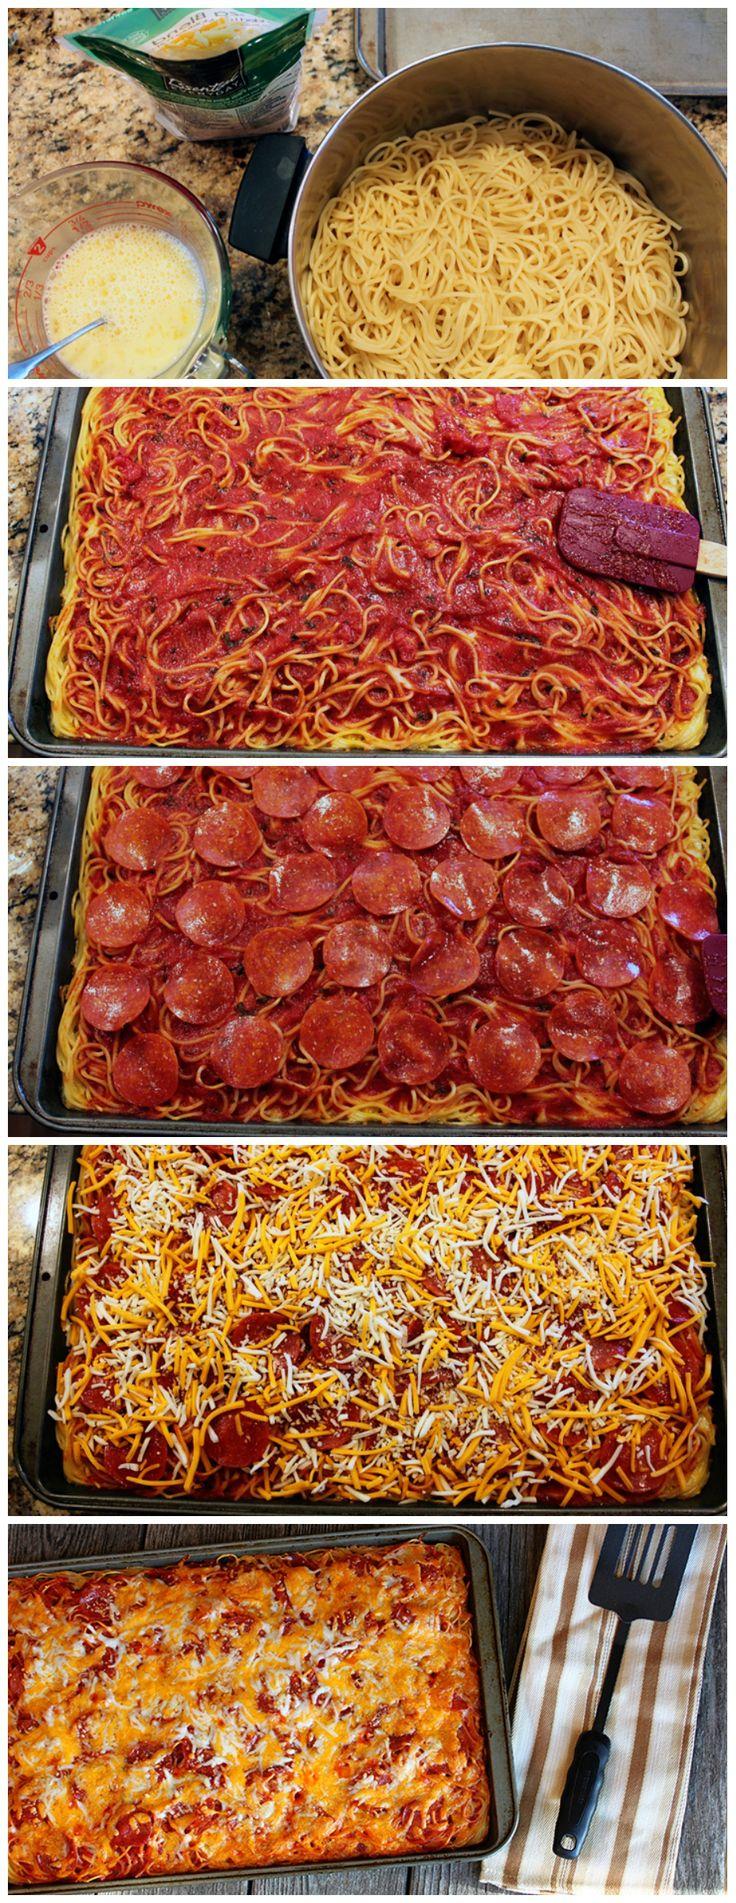 Spaghetti Pizza Review